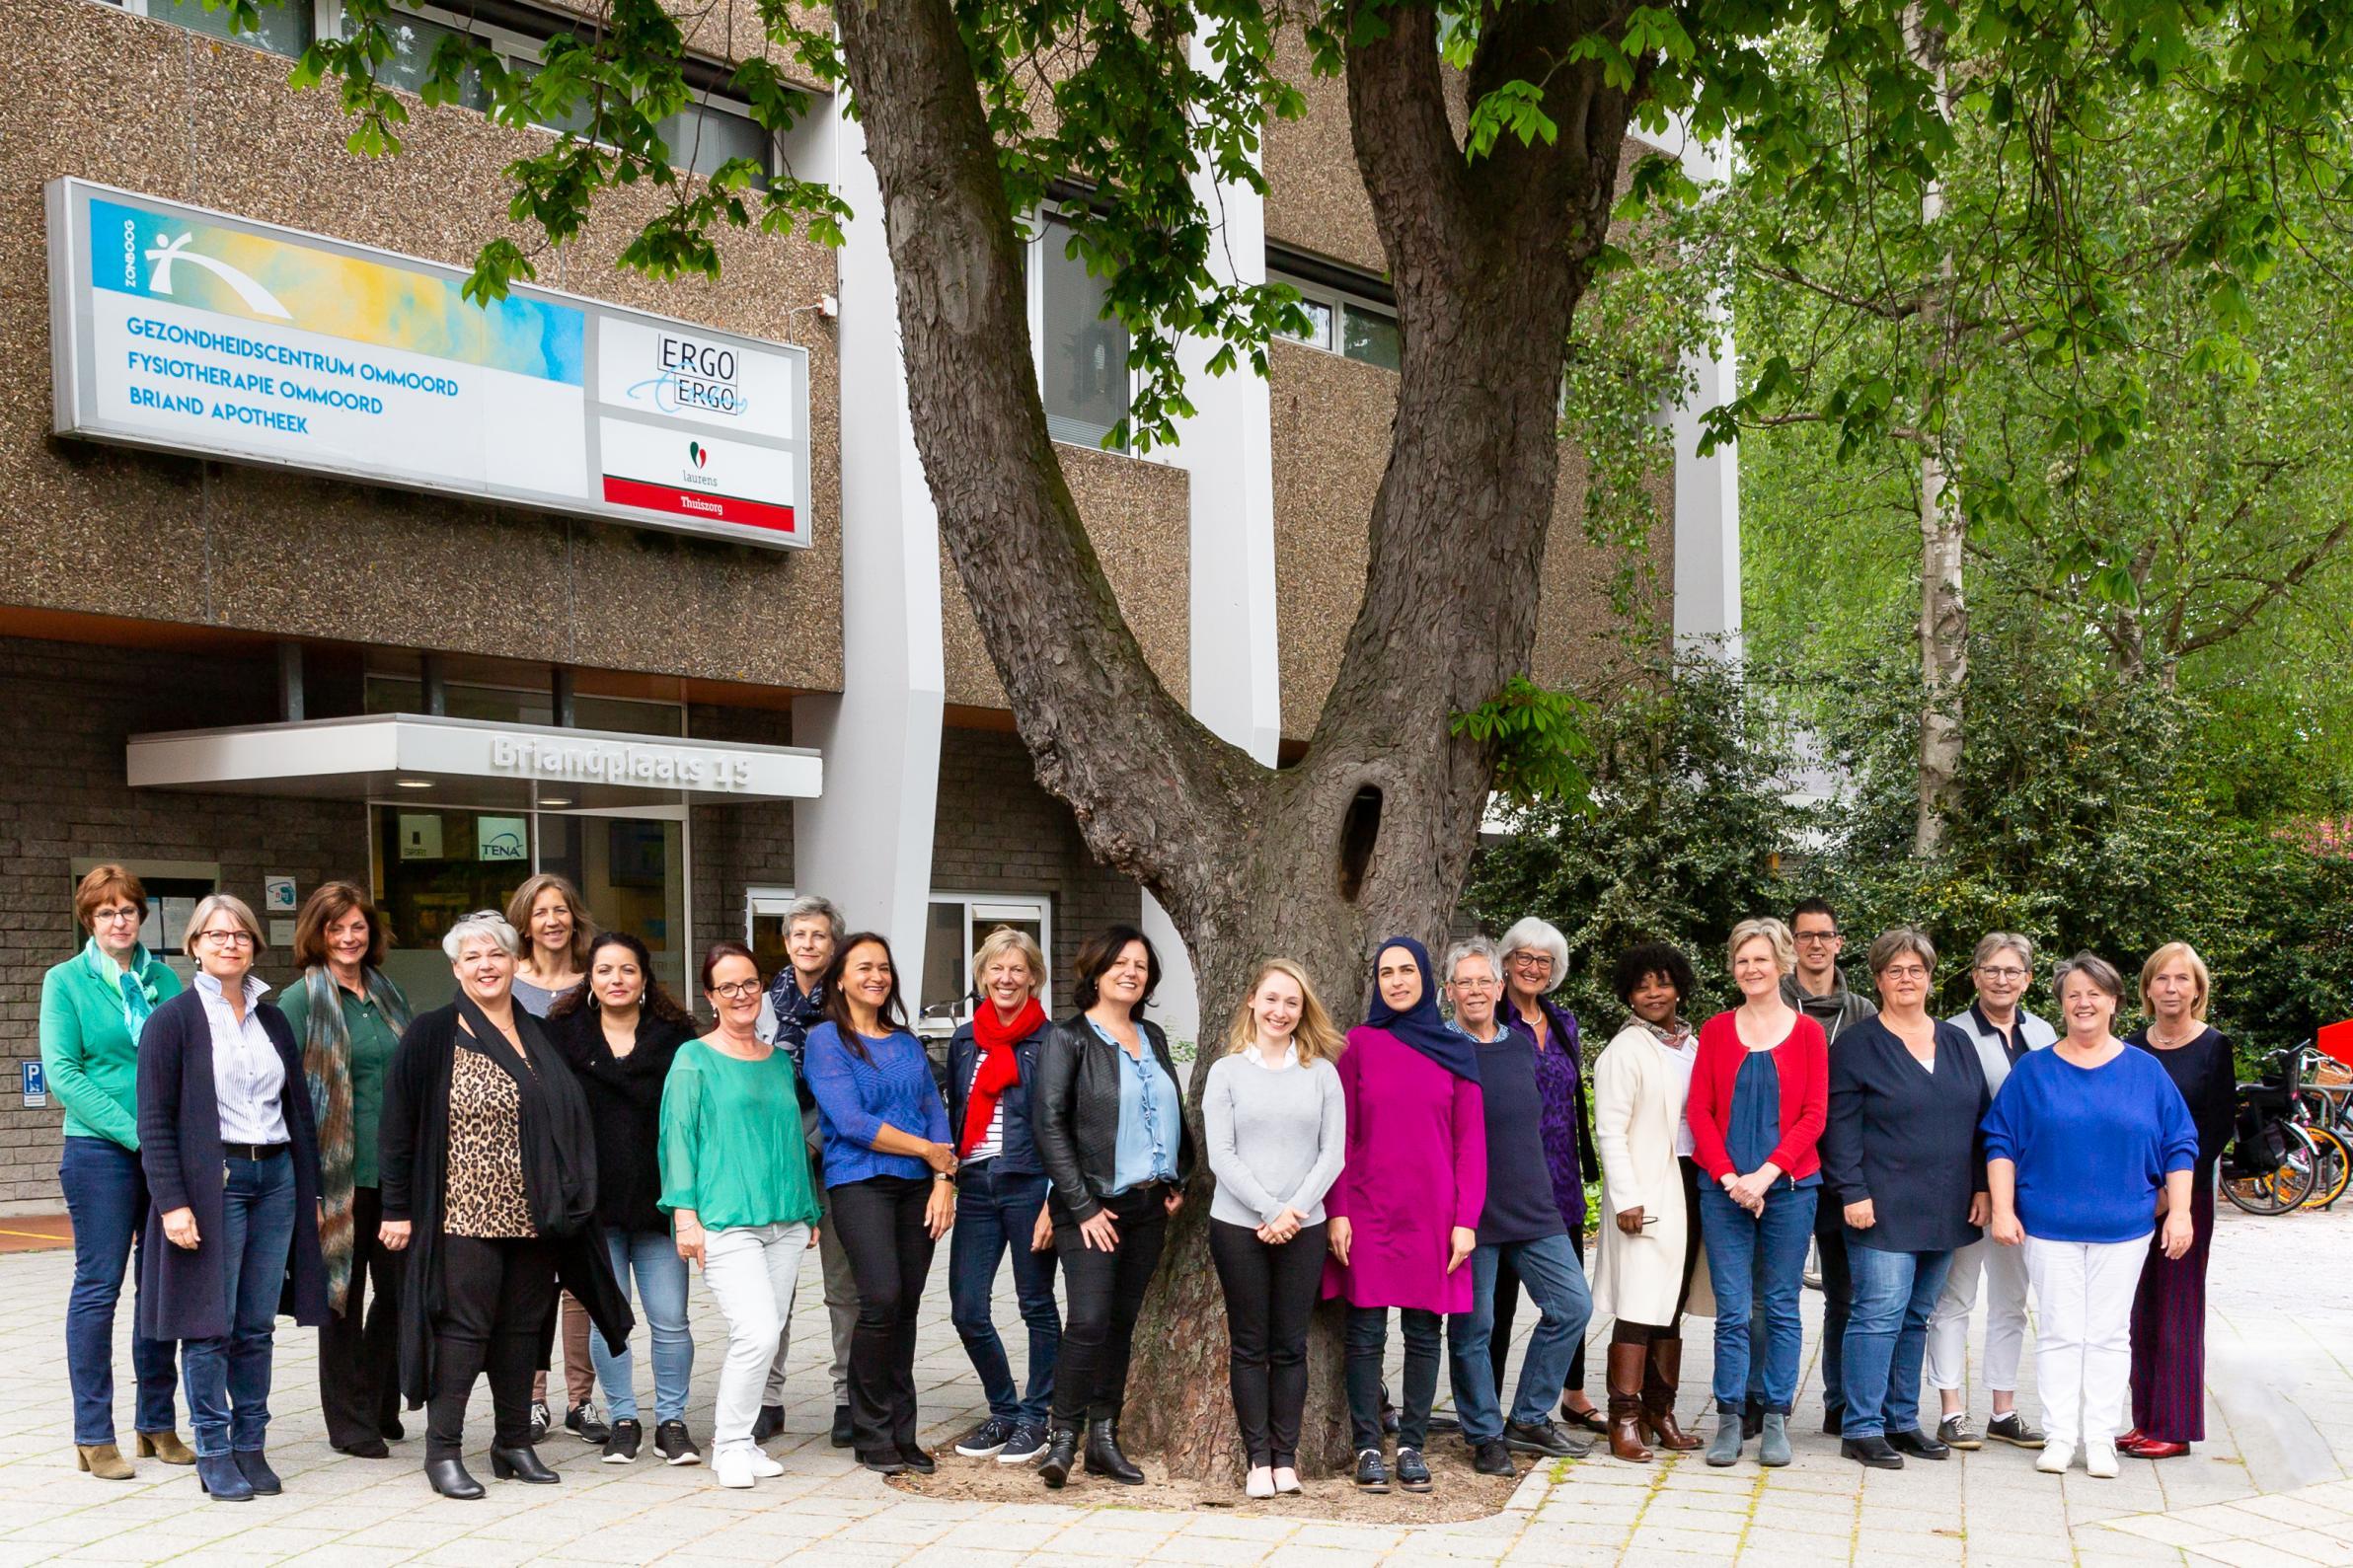 Groepsfoto met alle ERGO medewerkers